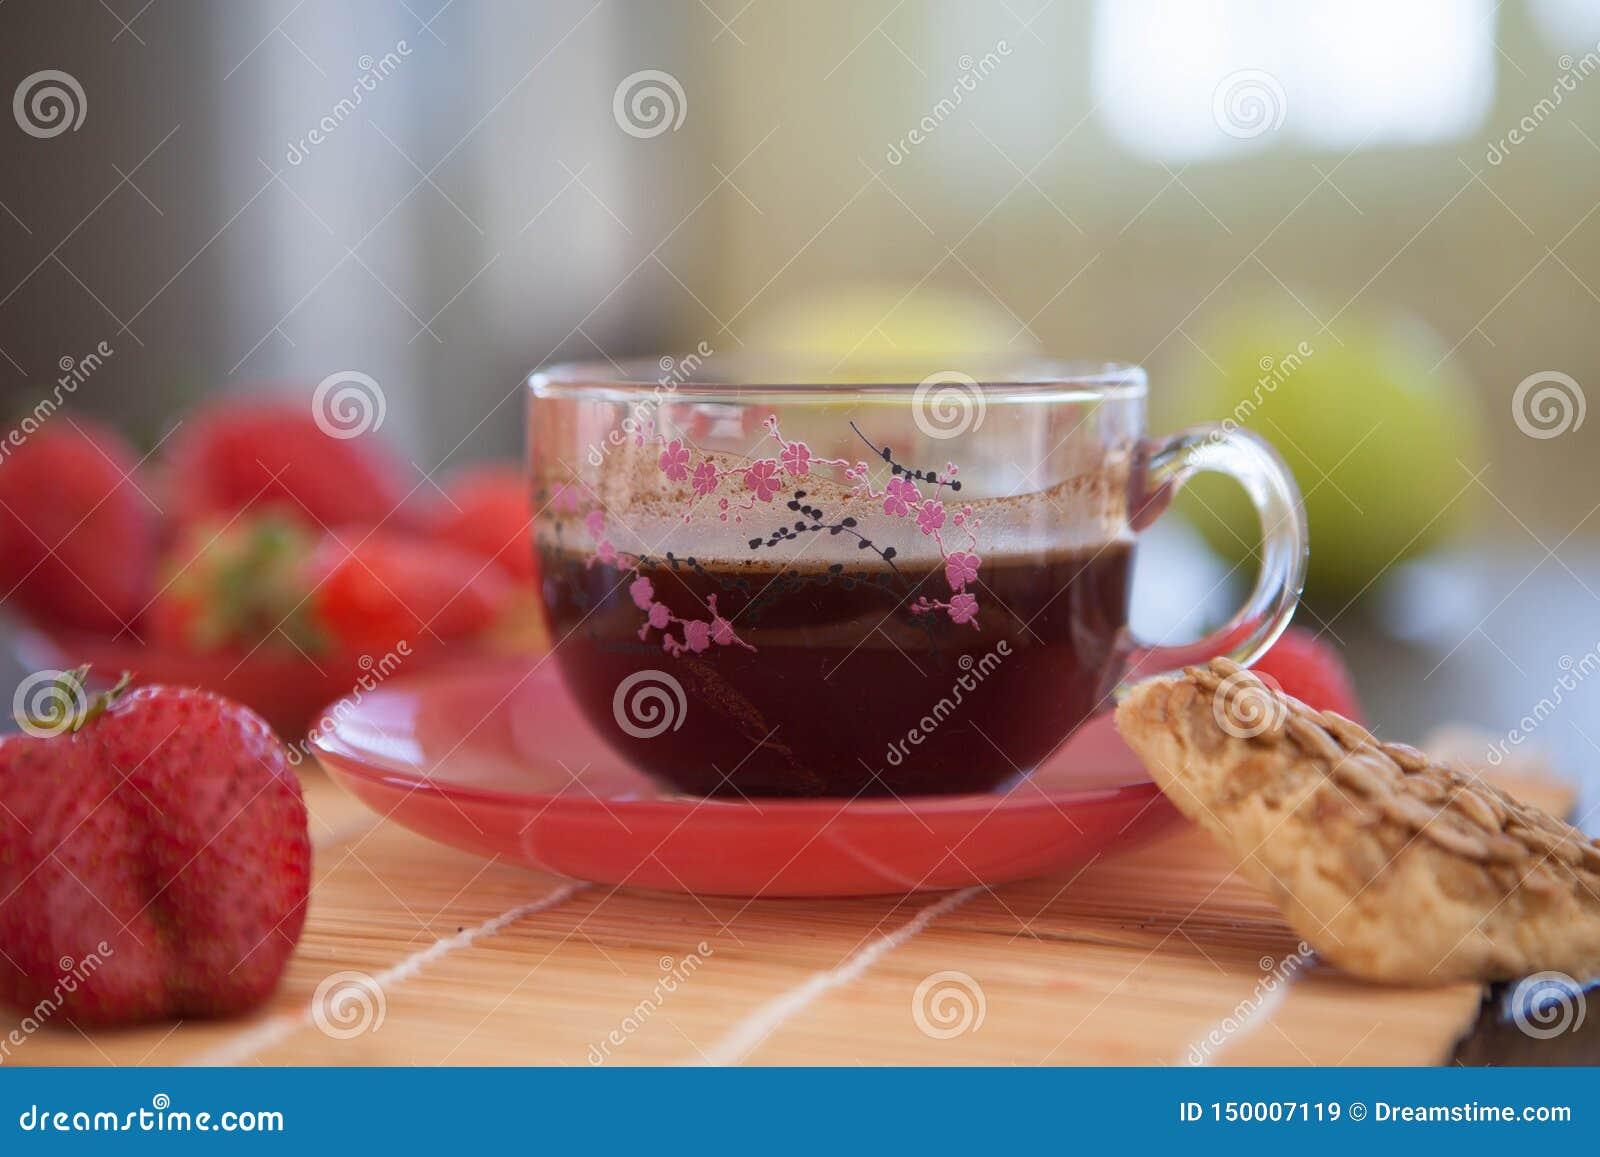 Een kop van mooie zwarte Engelse thee voor ontbijt met aardbeien en koekjes